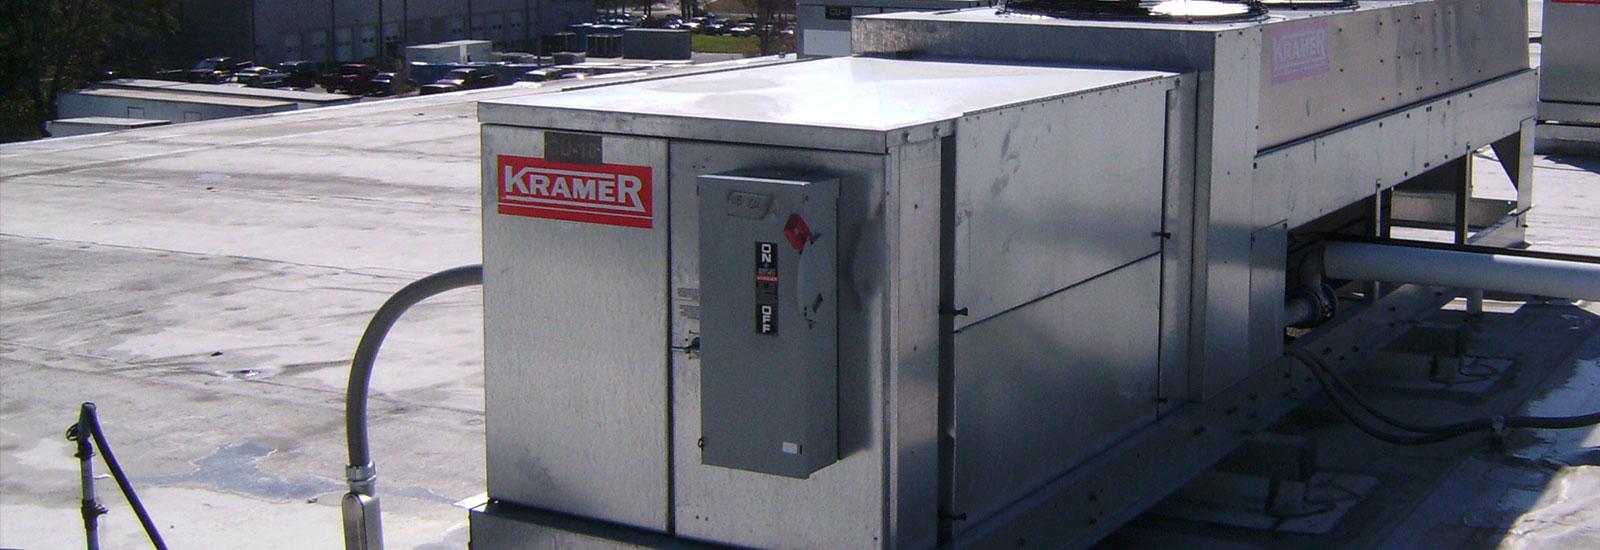 Kramer Slideshow